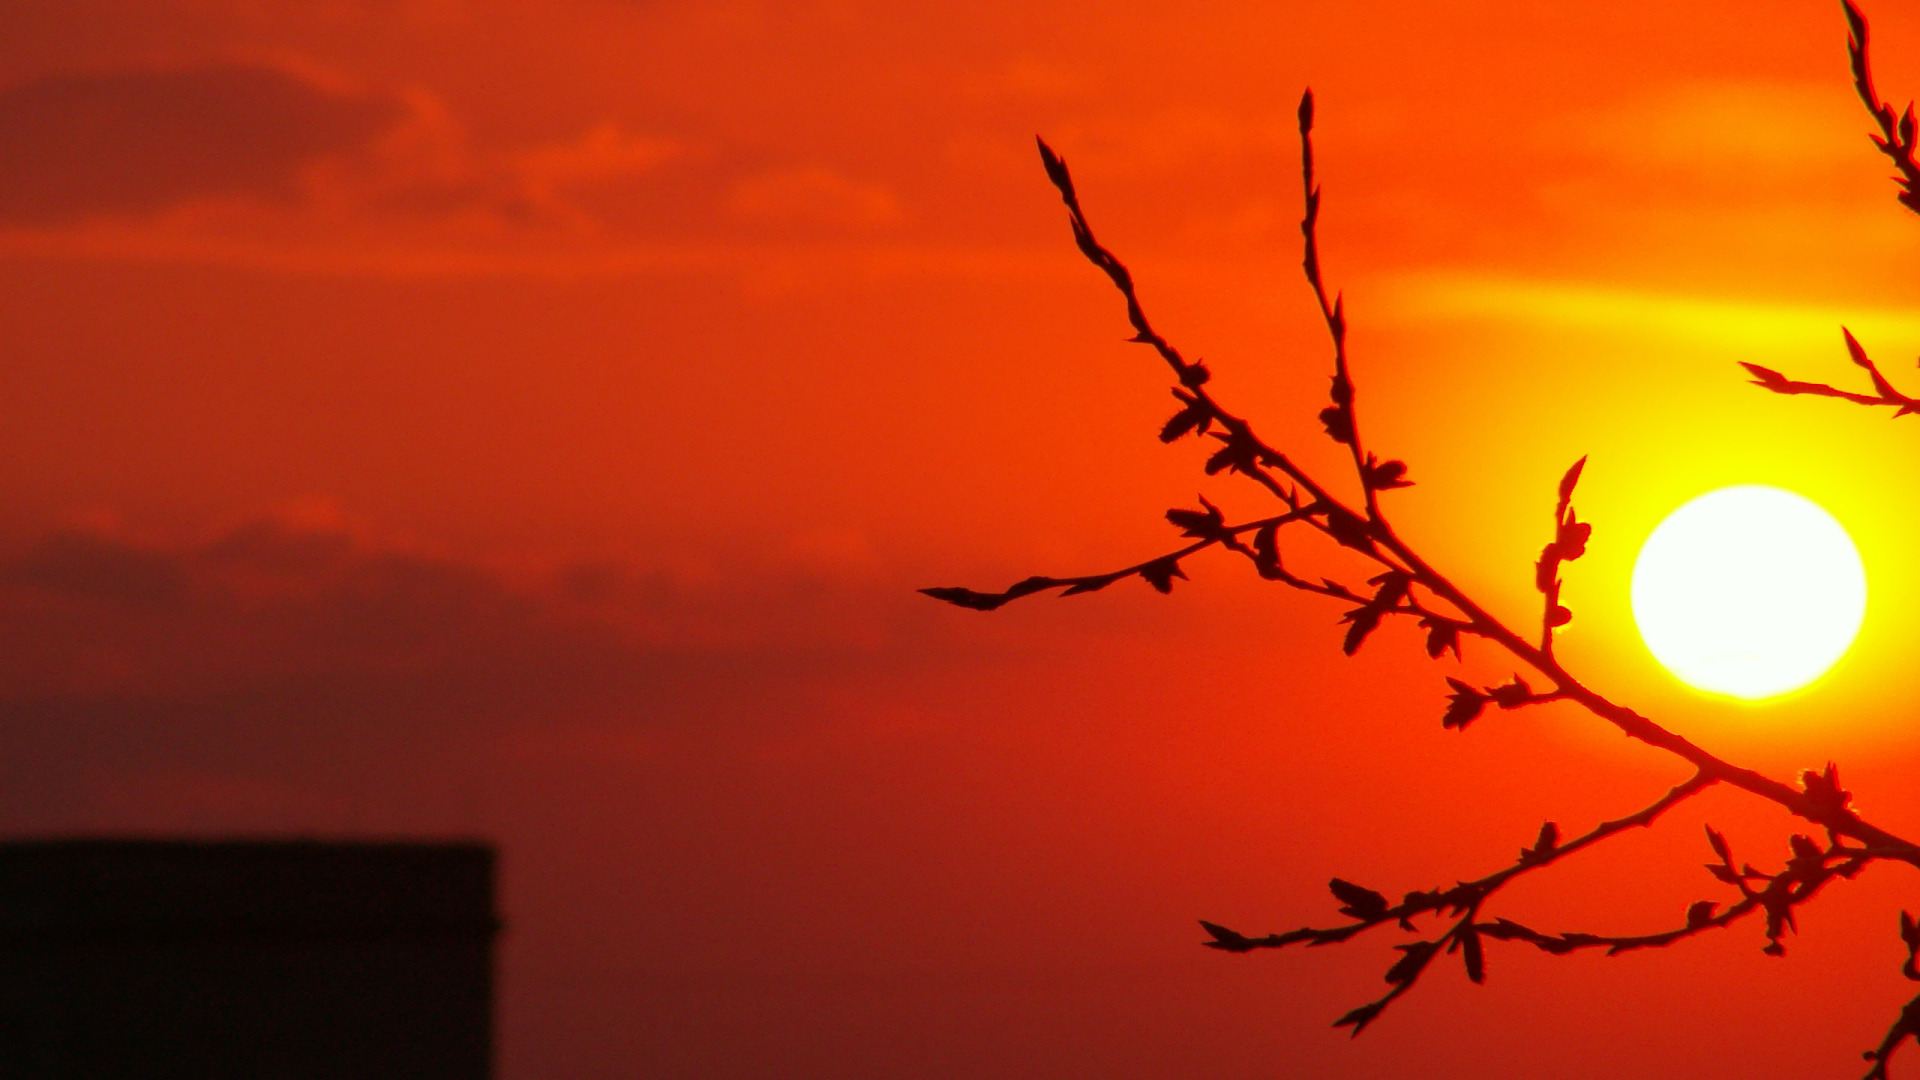 Hd Widescreen Fall Wallpaper Sunset Wallpapers Hd Pixelstalk Net